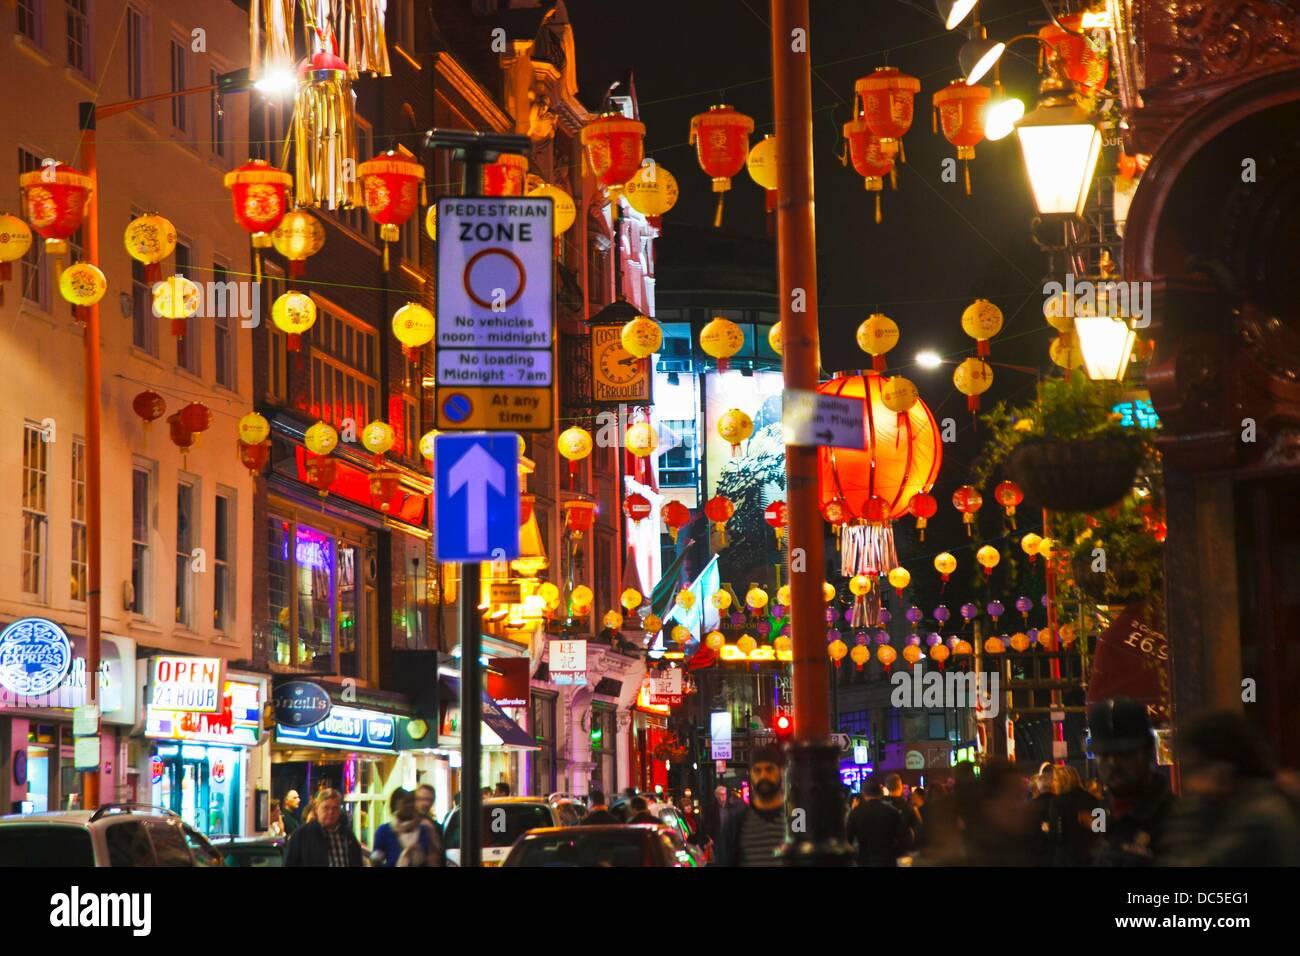 Chinatown  Wardour Street  London  England  United Kingdom  Uk  Europe. - Stock Image